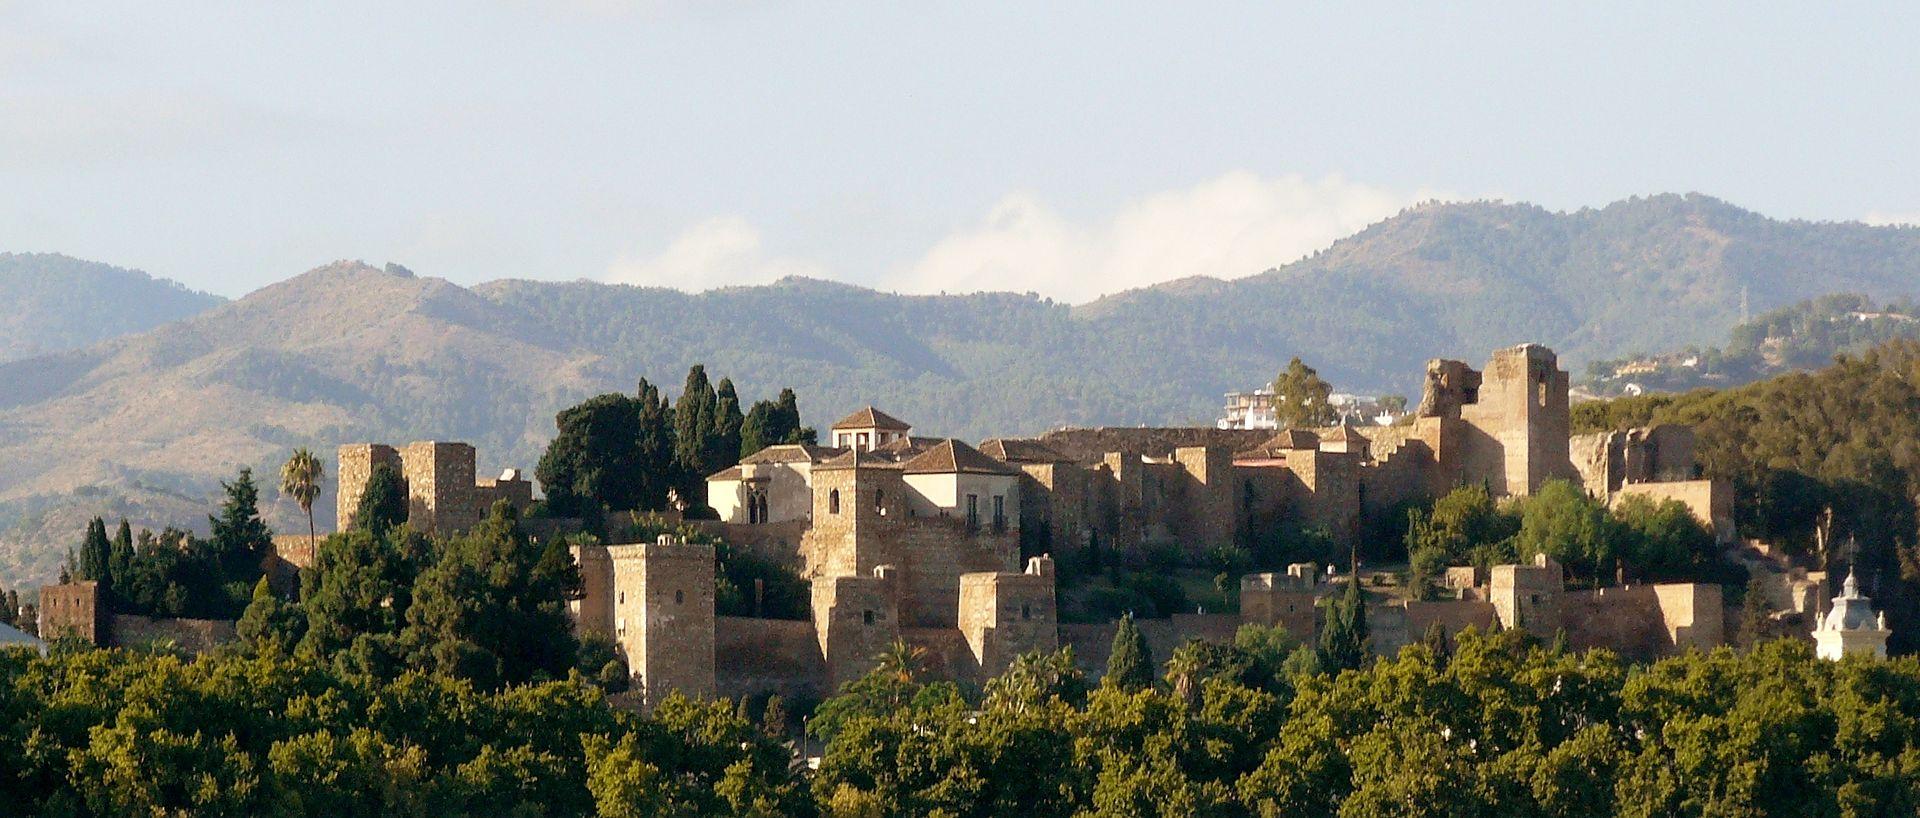 Alcazaba de Málaga desde el puerto.JPG